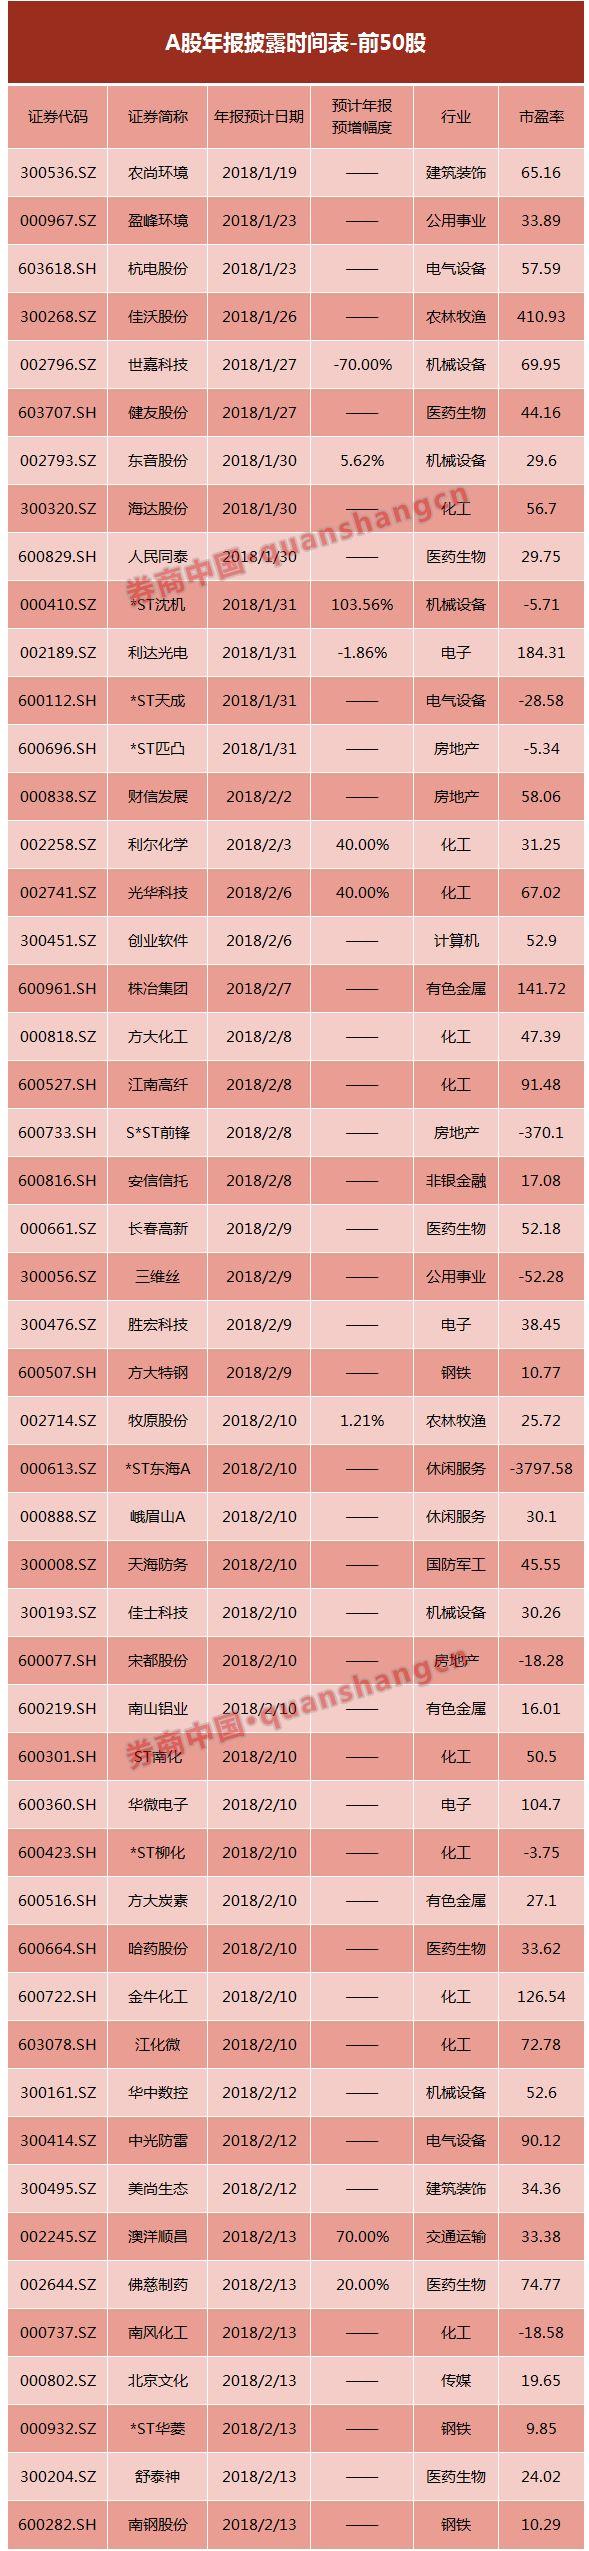 628股发布预增公告 地产股成预增生力军(附股) -   夫~君 - 亢龙有悔